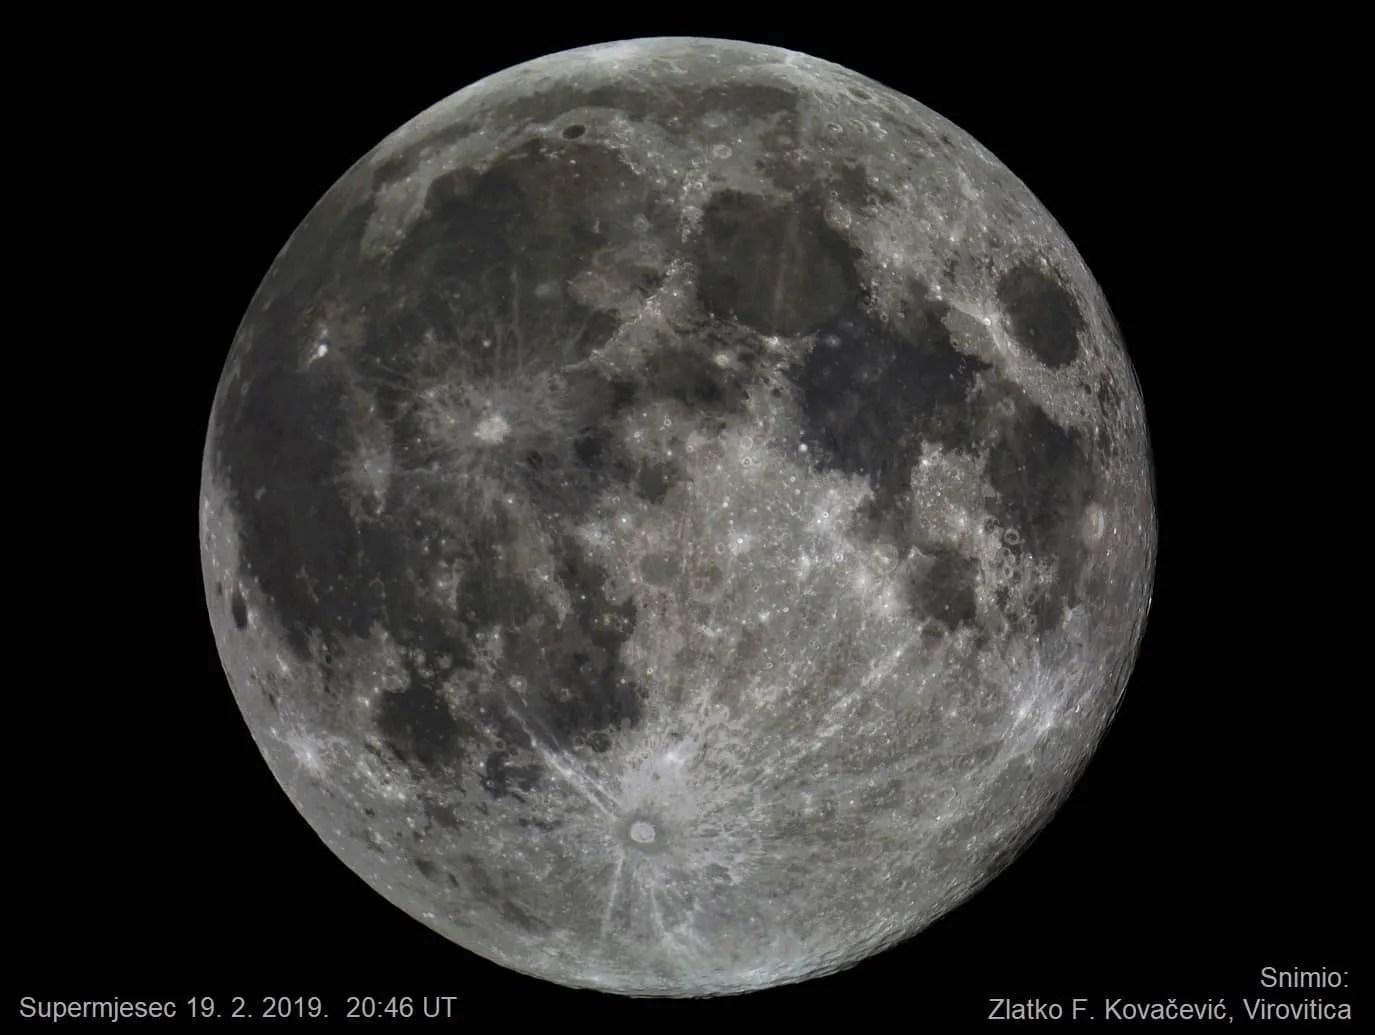 Fotografija supermjeseca snimljena 19. veljače 2019.godine kod Virovitice, Snimio: Zlatko F. Kovačević